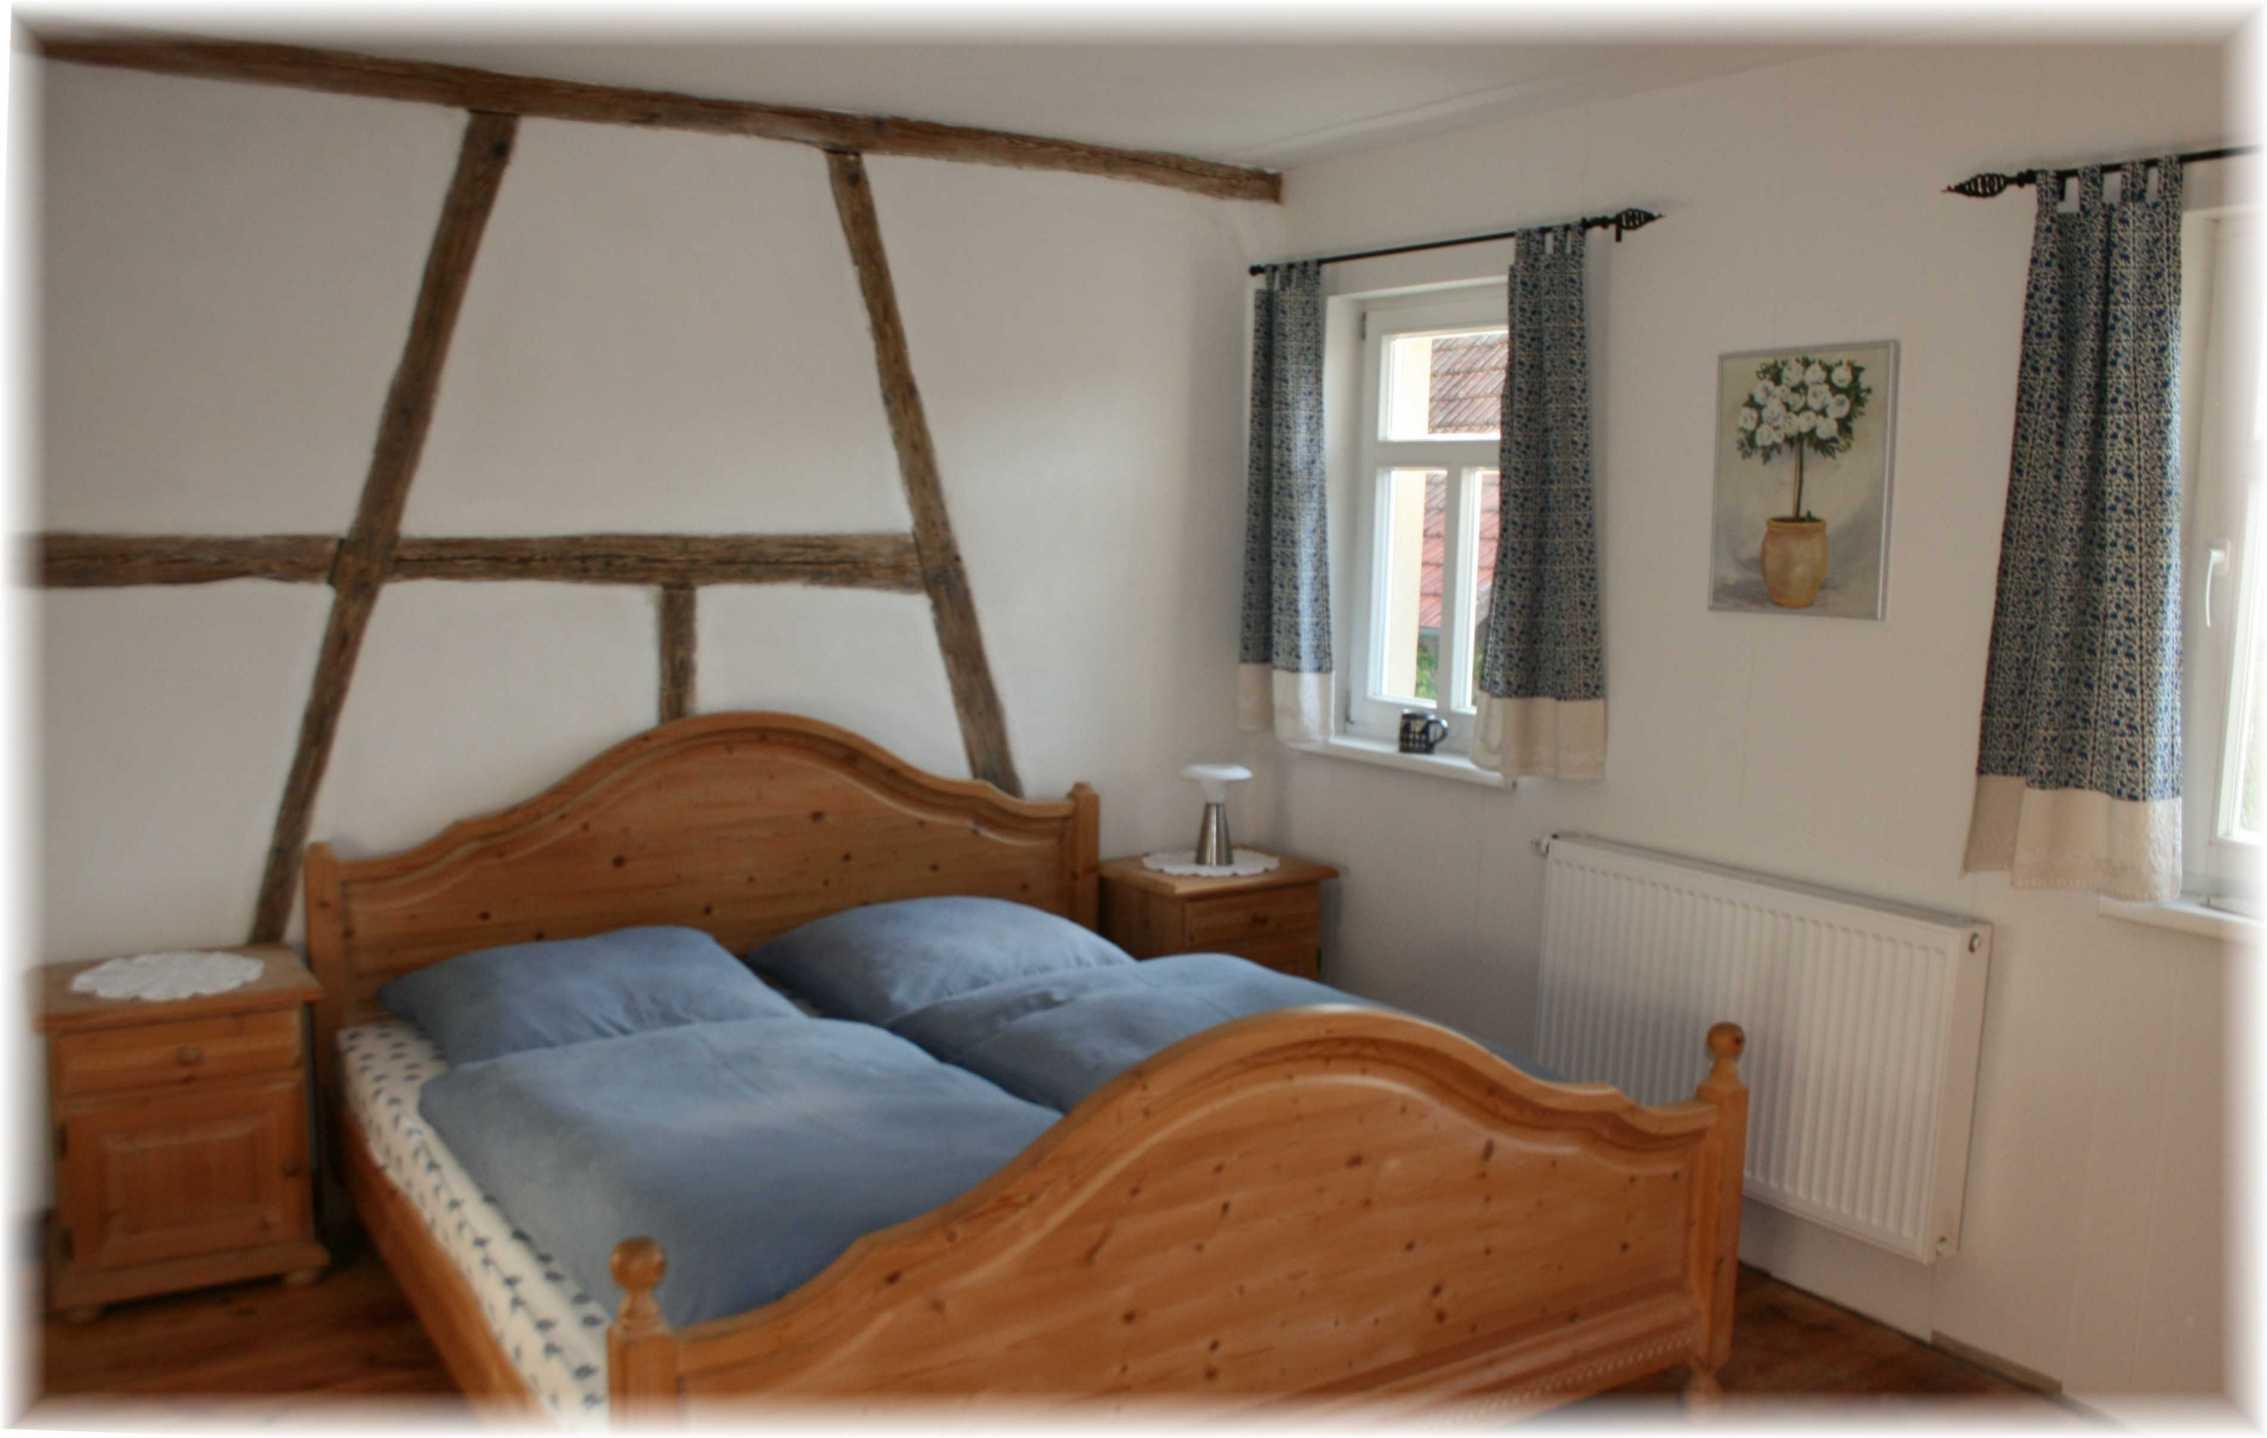 ferienhaus f r bis zu 36 personen mit proberaum raum zum. Black Bedroom Furniture Sets. Home Design Ideas